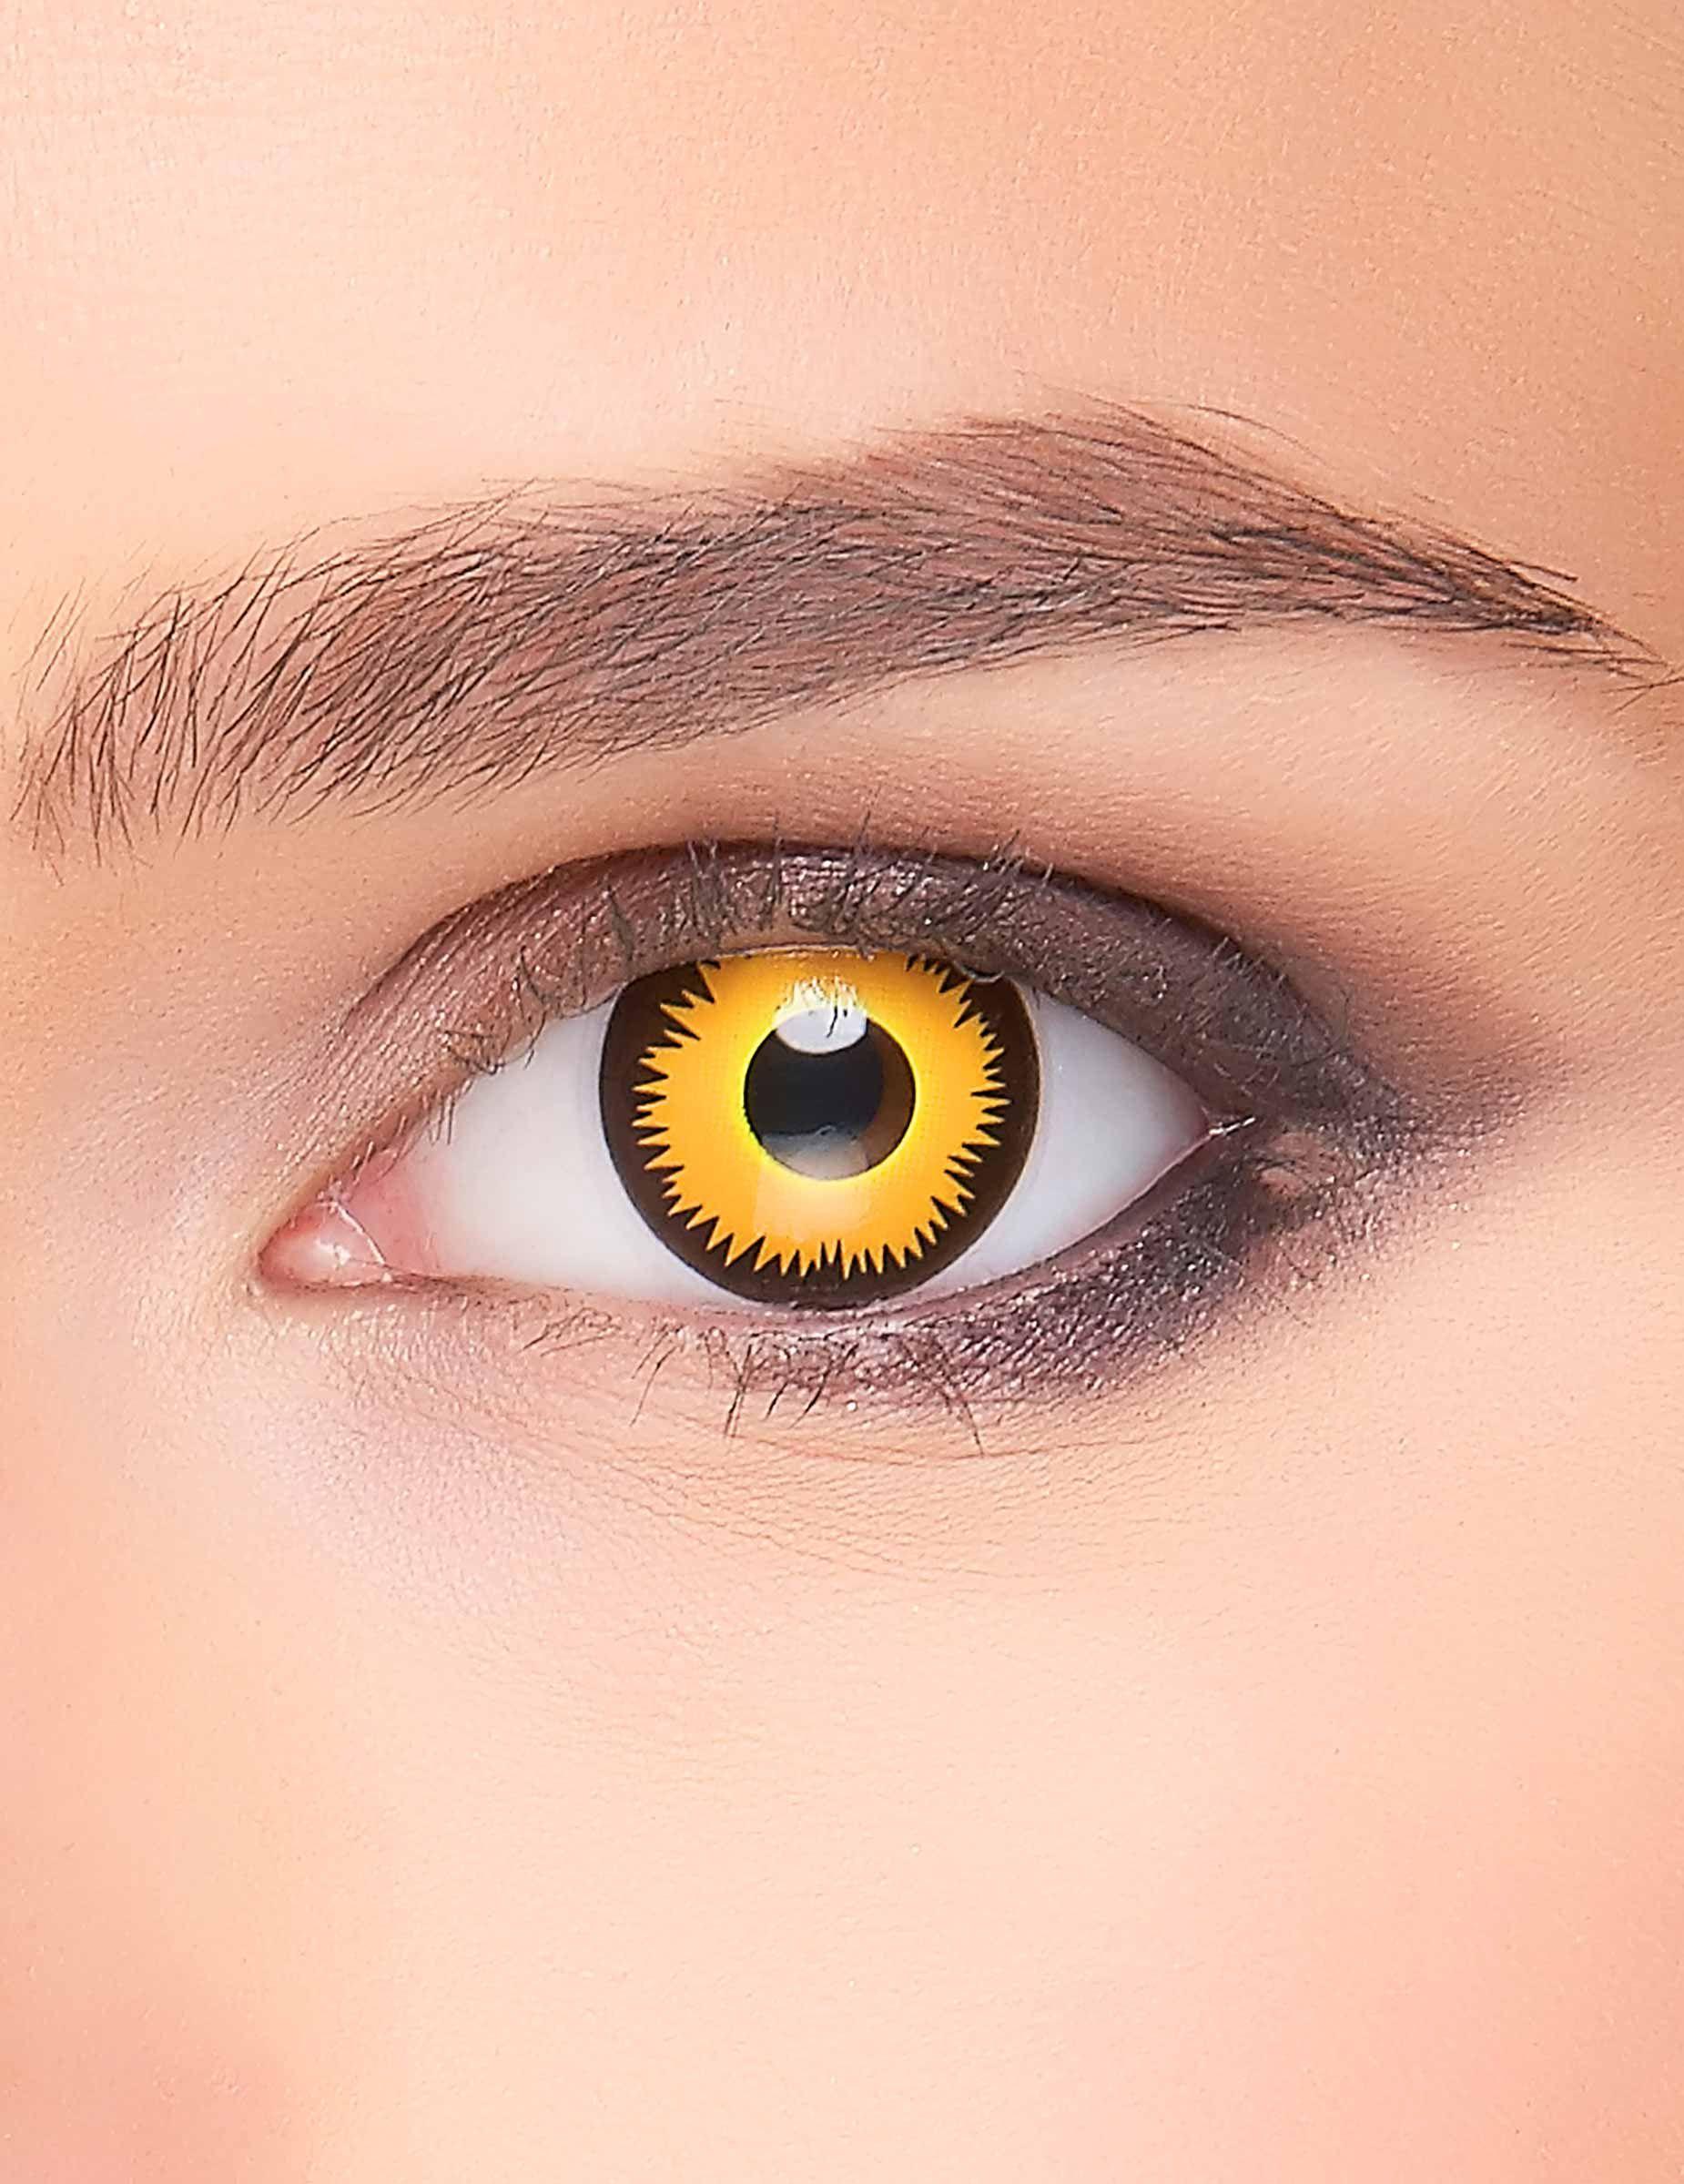 84425509fc Lentillas fantasía ojo de león adutlo: Estas lentillas fantasía representa  unos ojos de león,